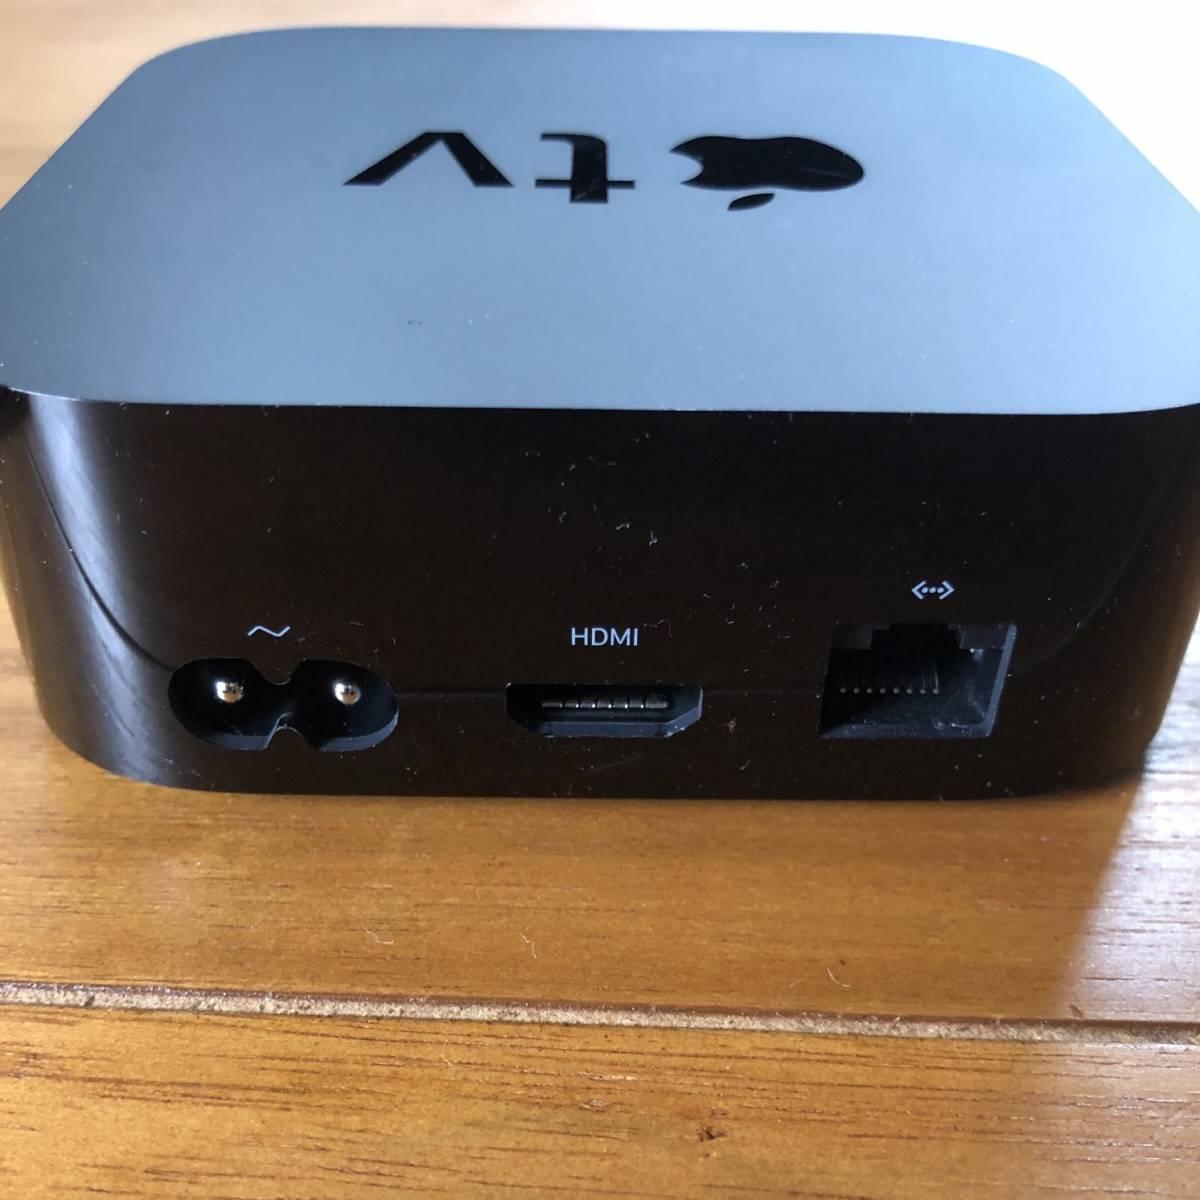 【中古】Apple TV 4K 64GB MP7P2J/A【送料出品者負担】_画像6